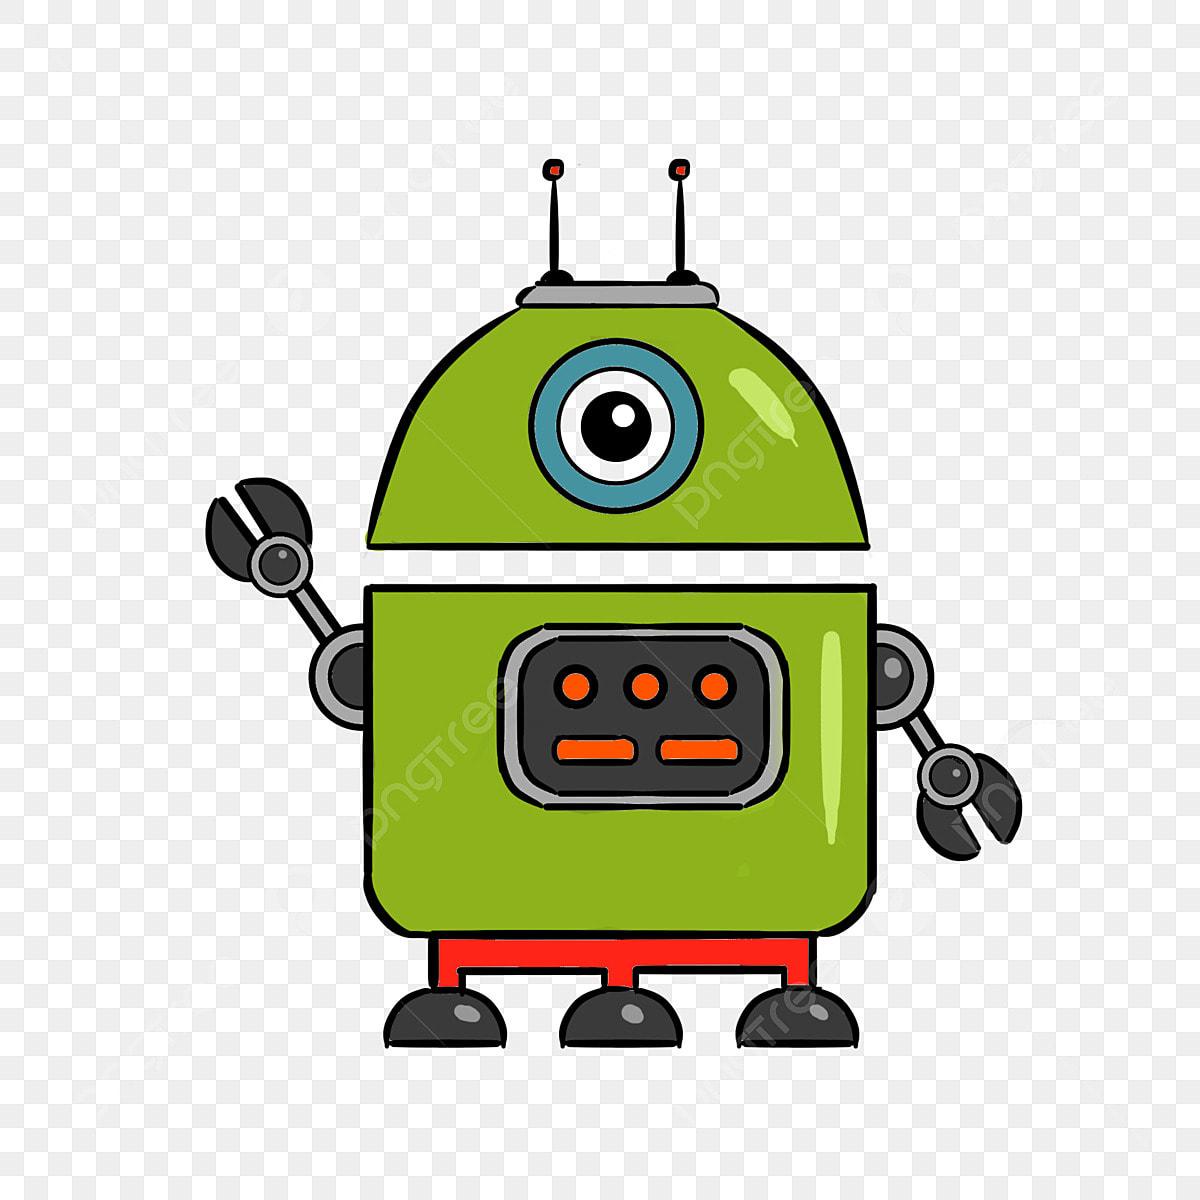 Estrangeiro Tecnologia Robo Inteligencia Artificial Robo De